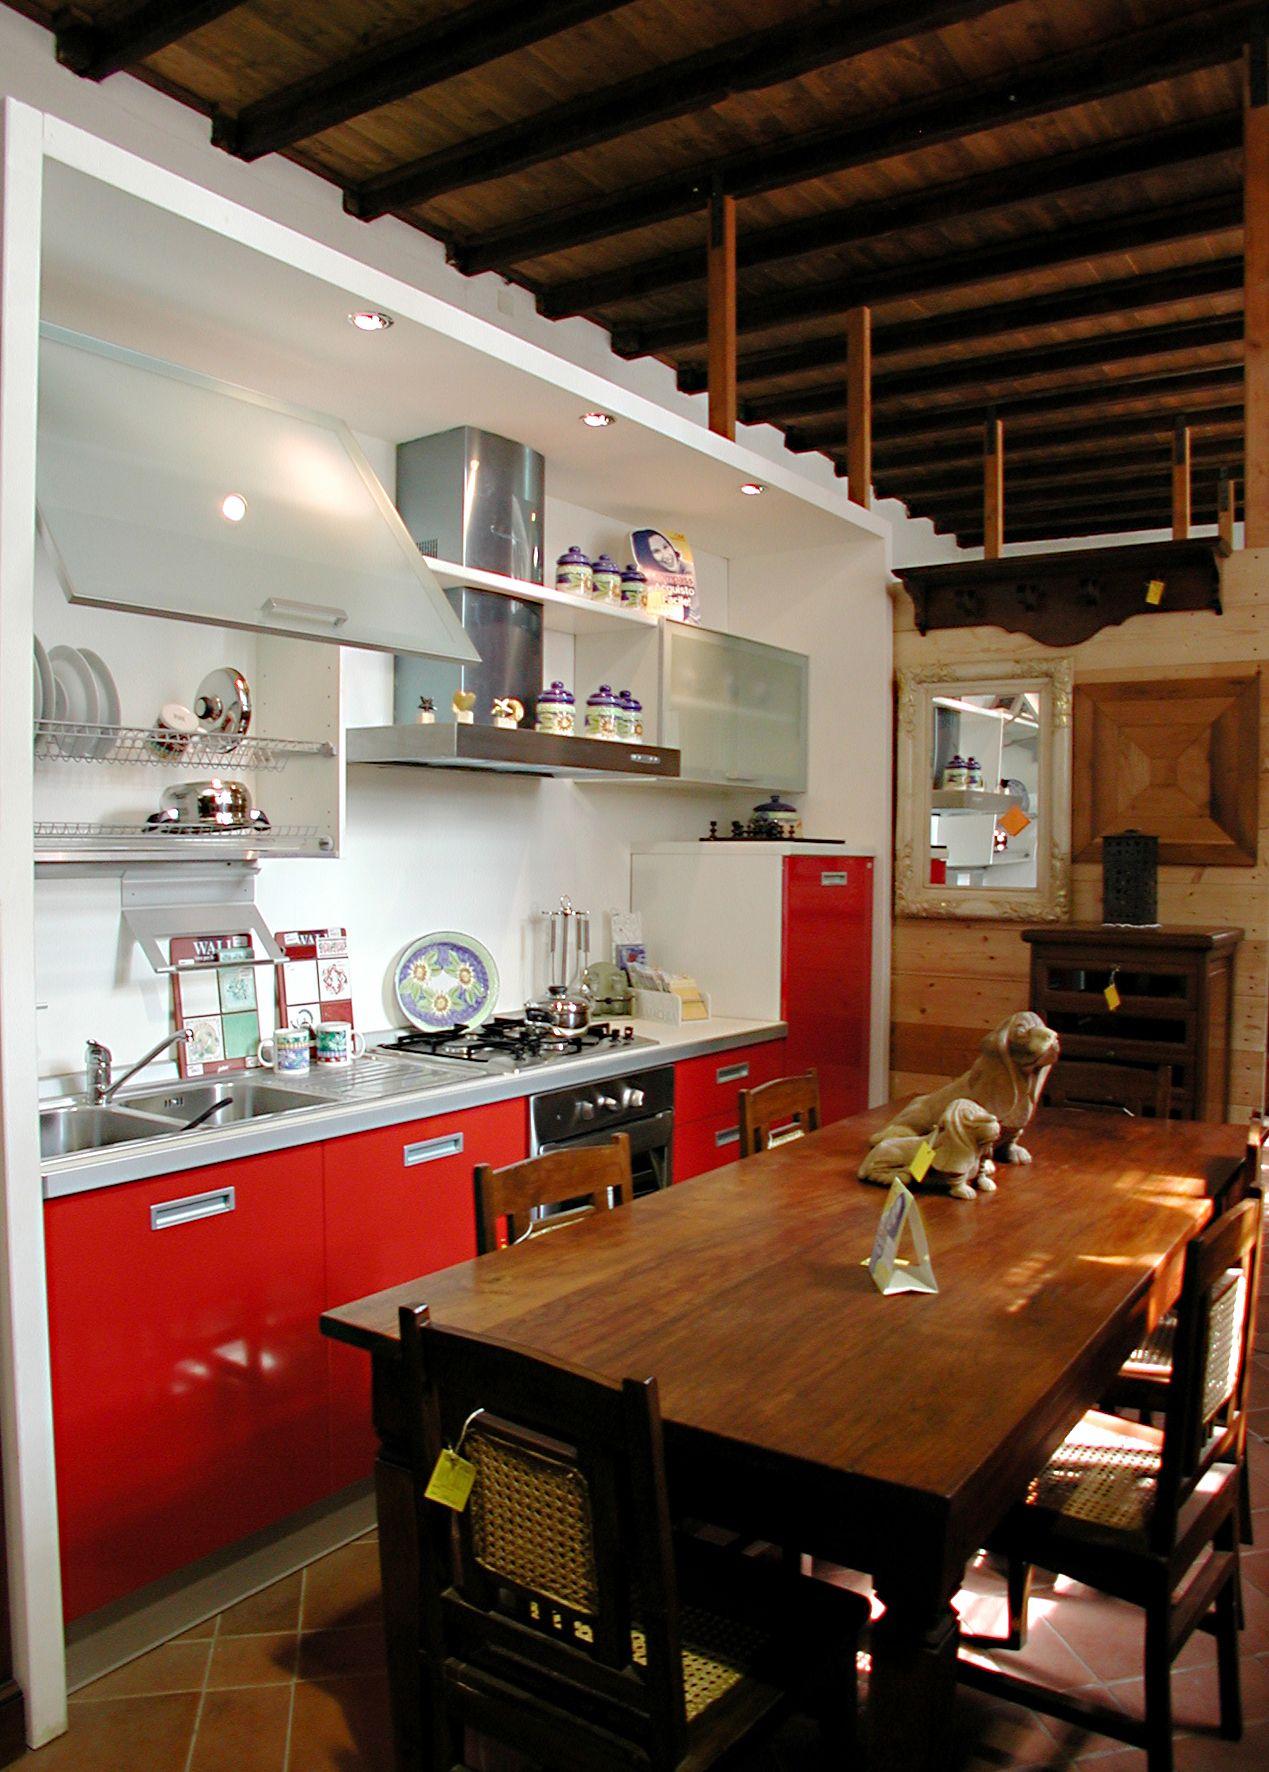 Base angolo cucina ikea : mobile base angolare cucina ikea. base ...